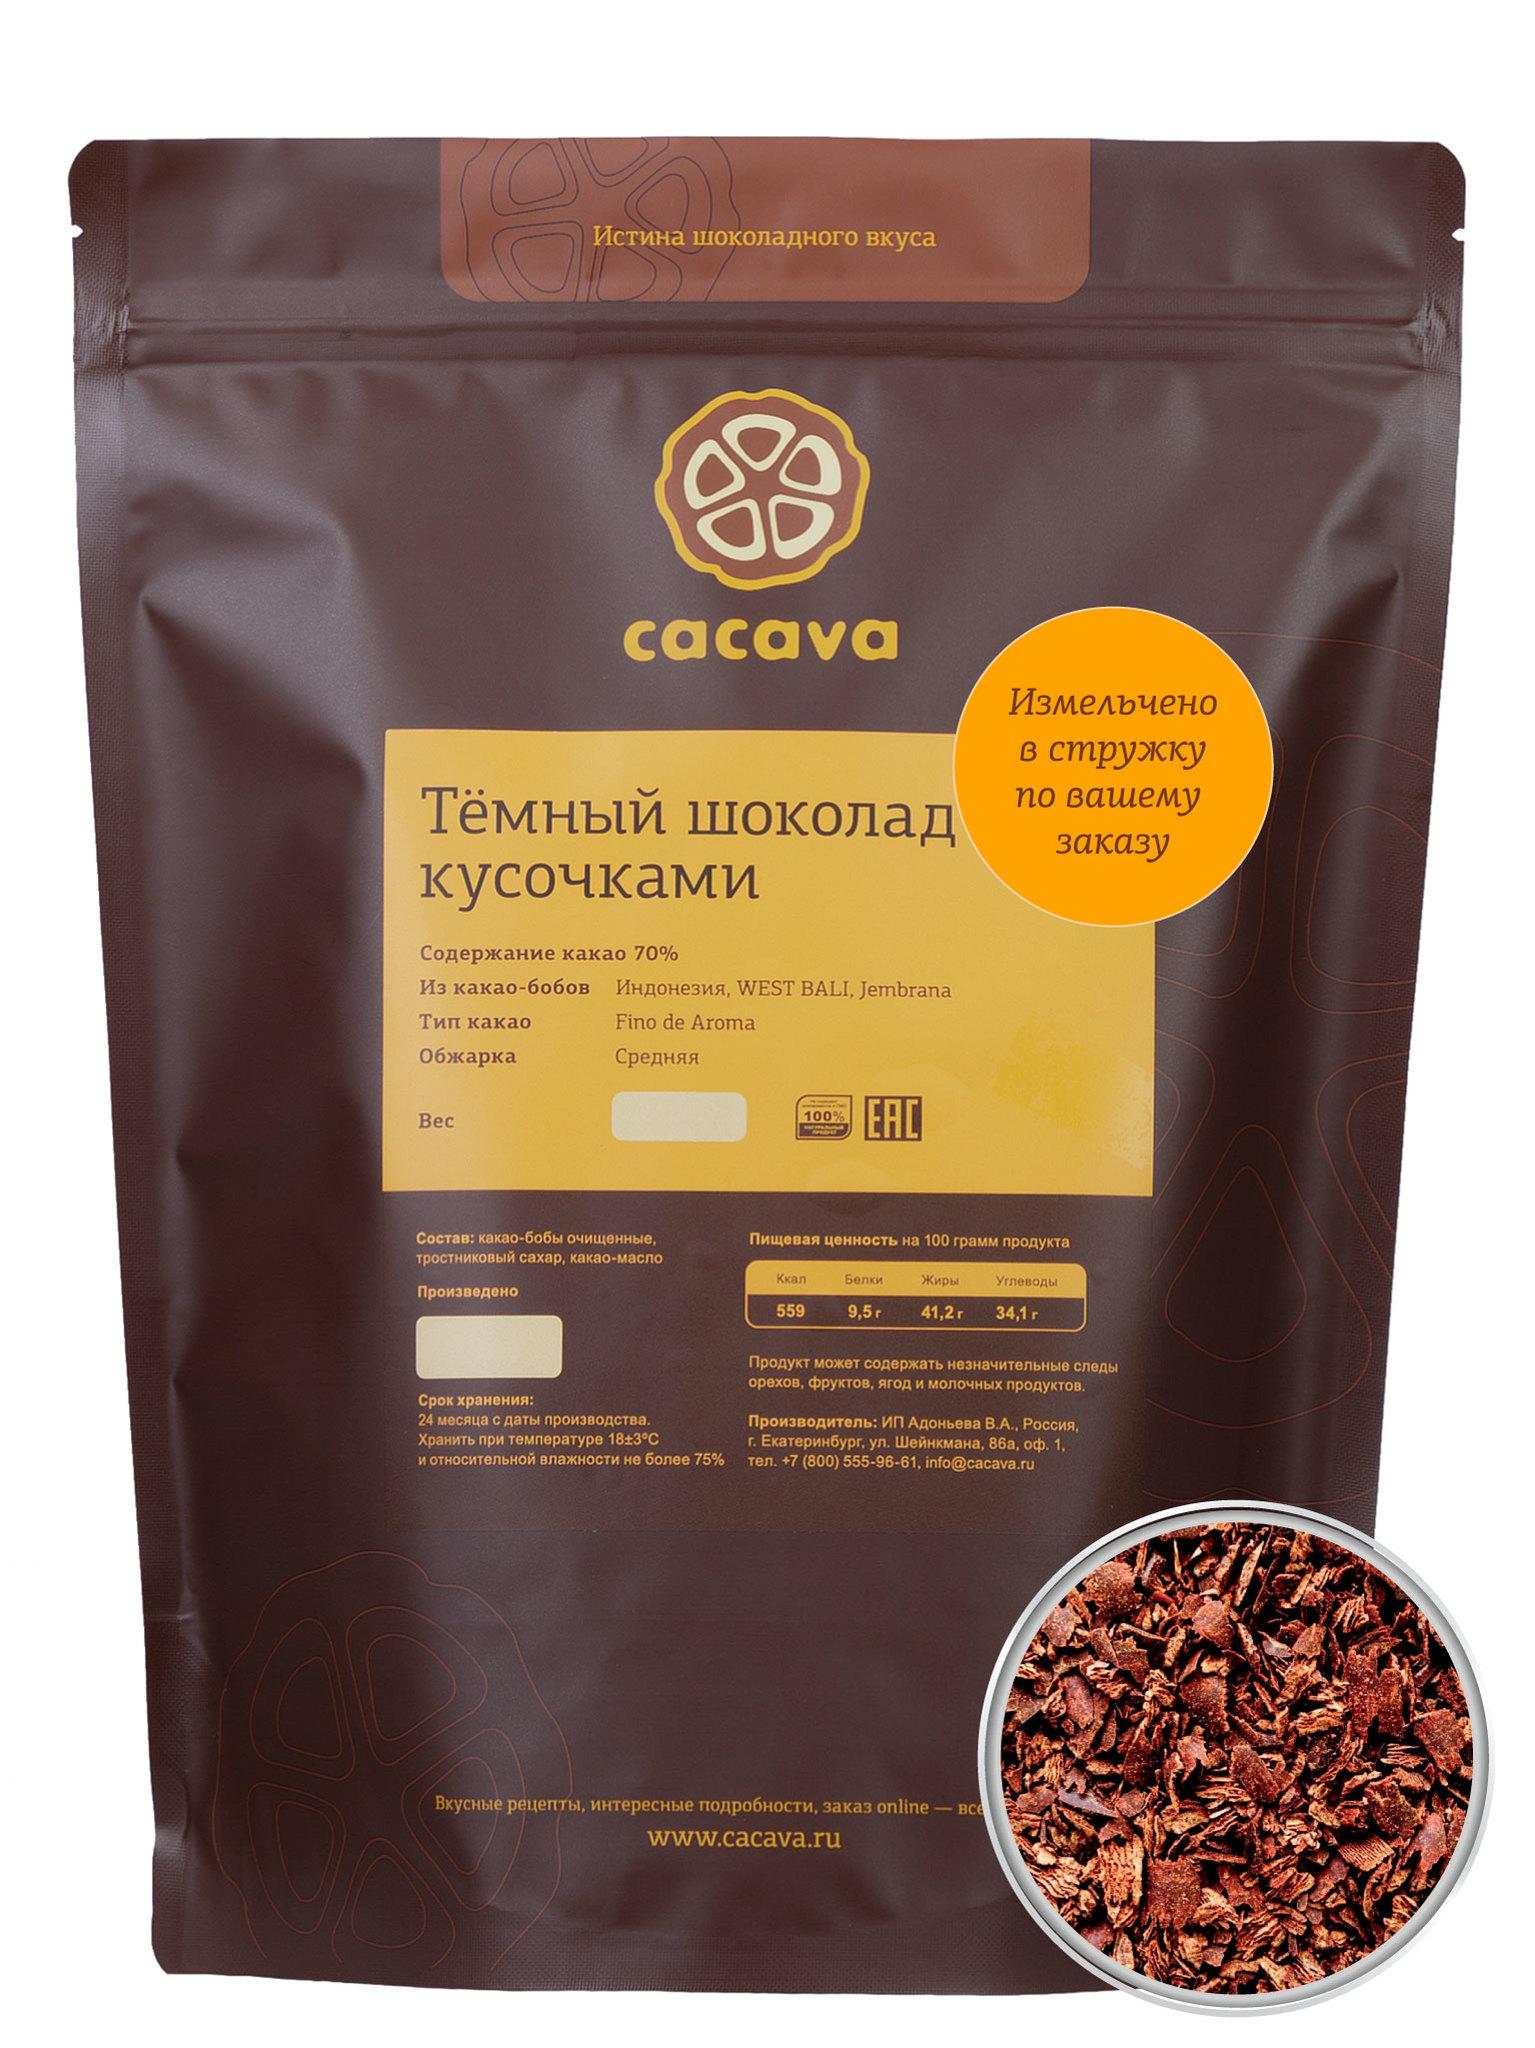 Тёмный шоколад 70 % какао в стружке (Индонезия, WEST BALI, Jembrana), упаковка  1 кг